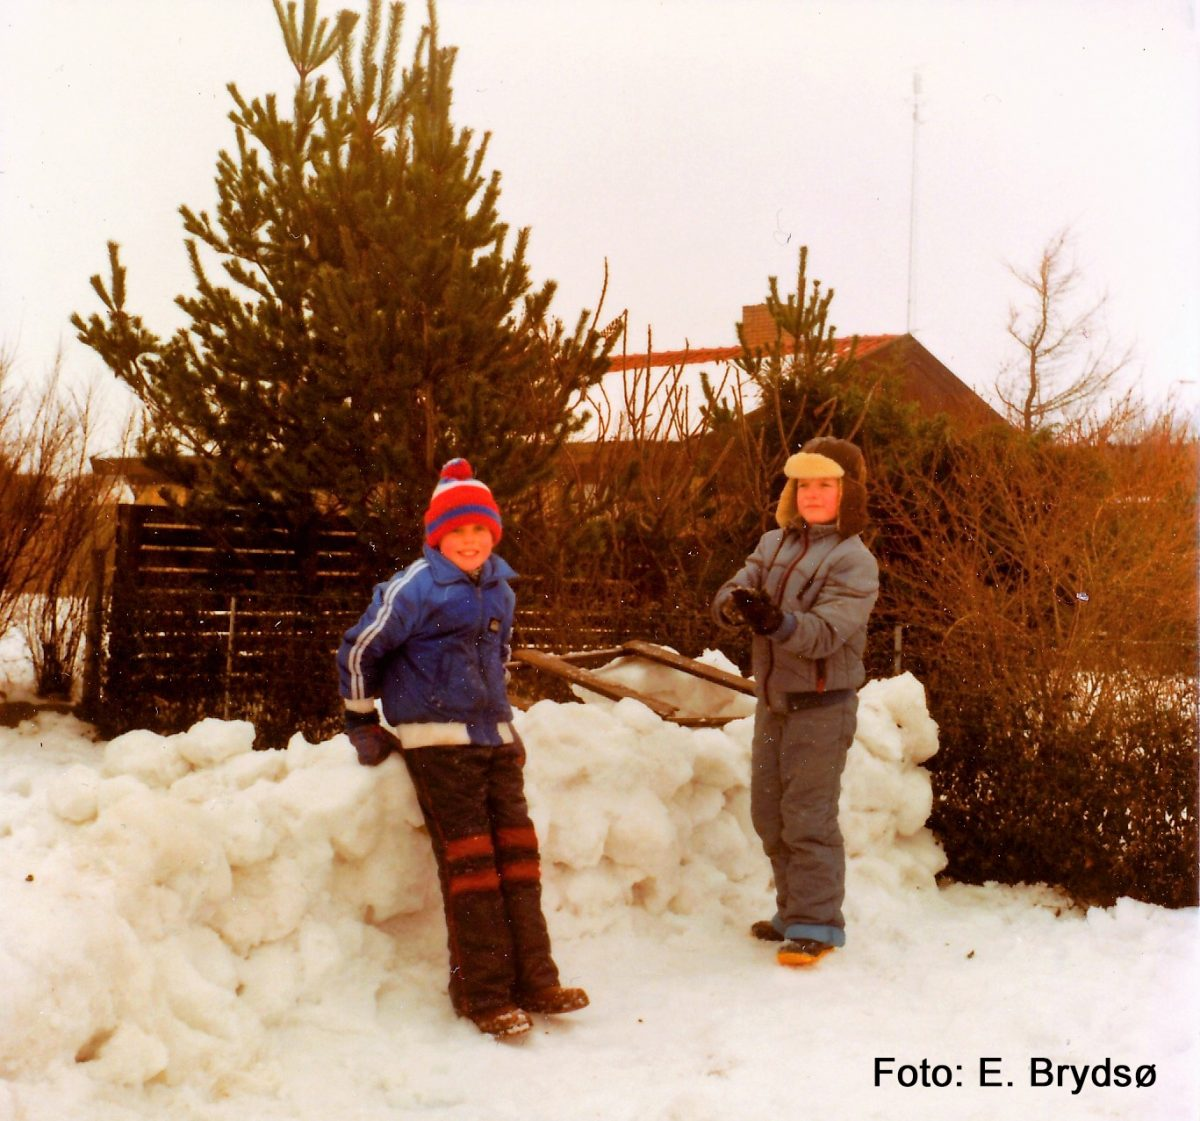 Januar 2020: Snestorm december 1981